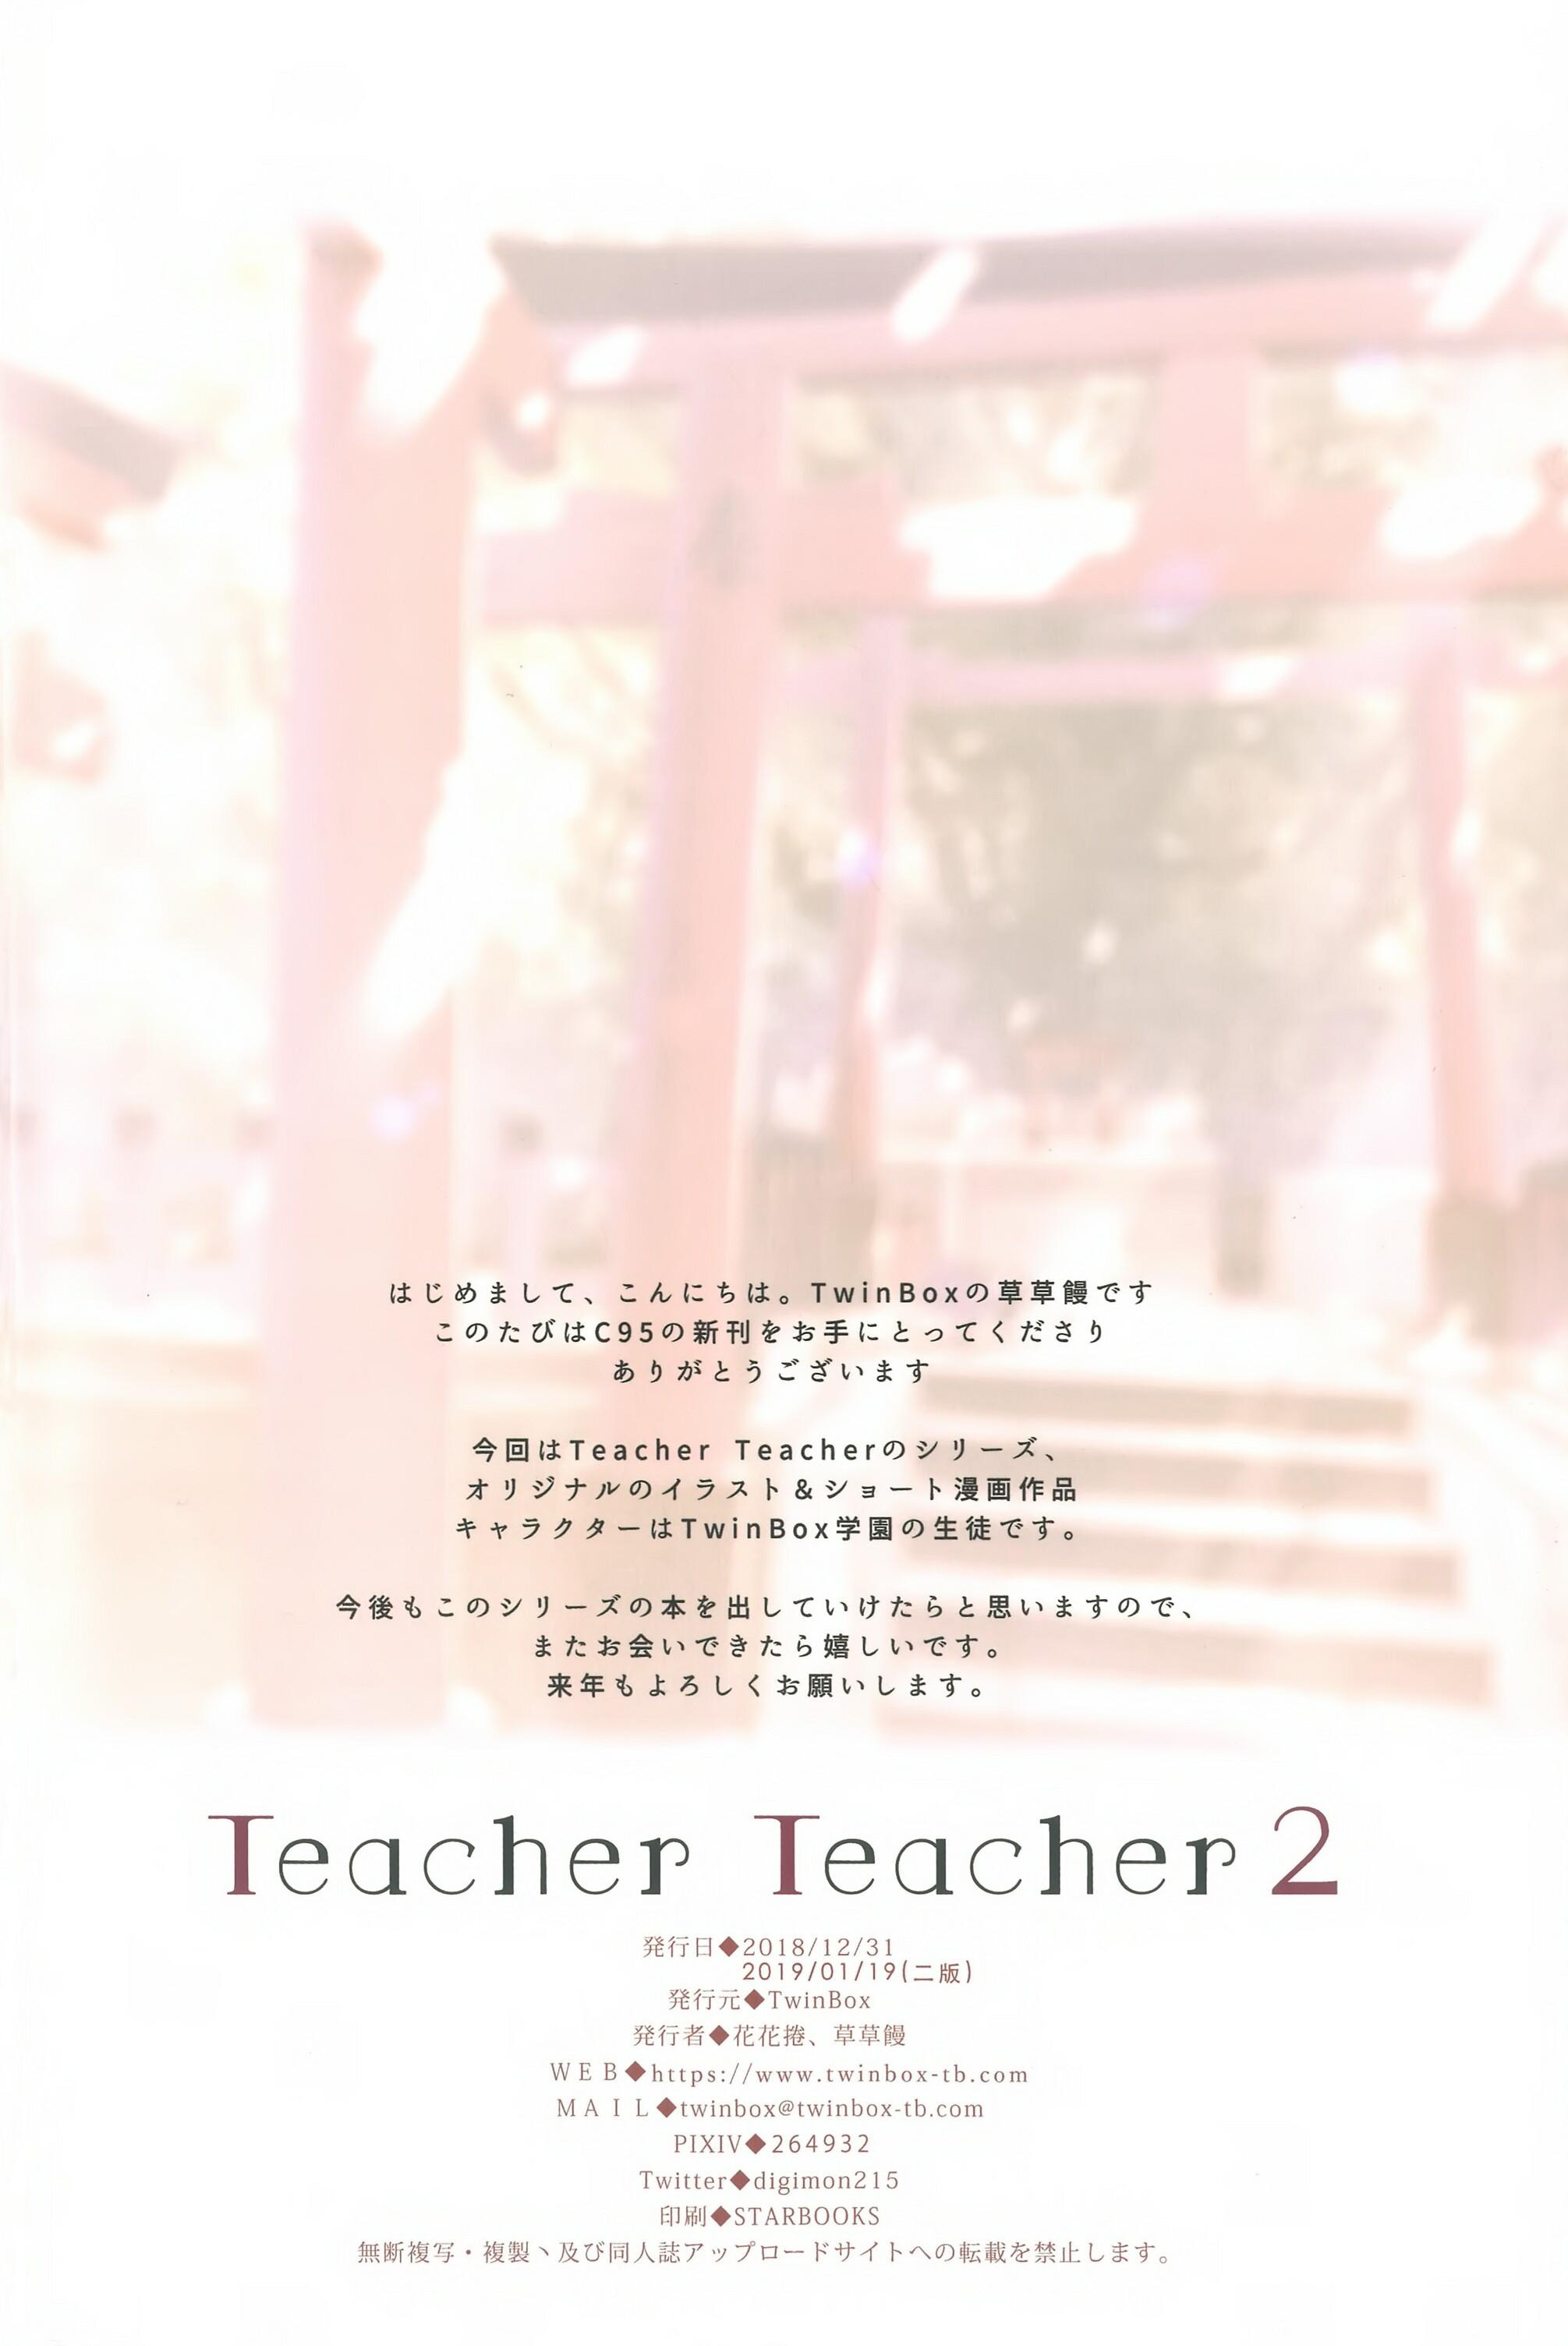 อาจารย์ค่ะ อาจารย์ขา 2 ภาพ 24